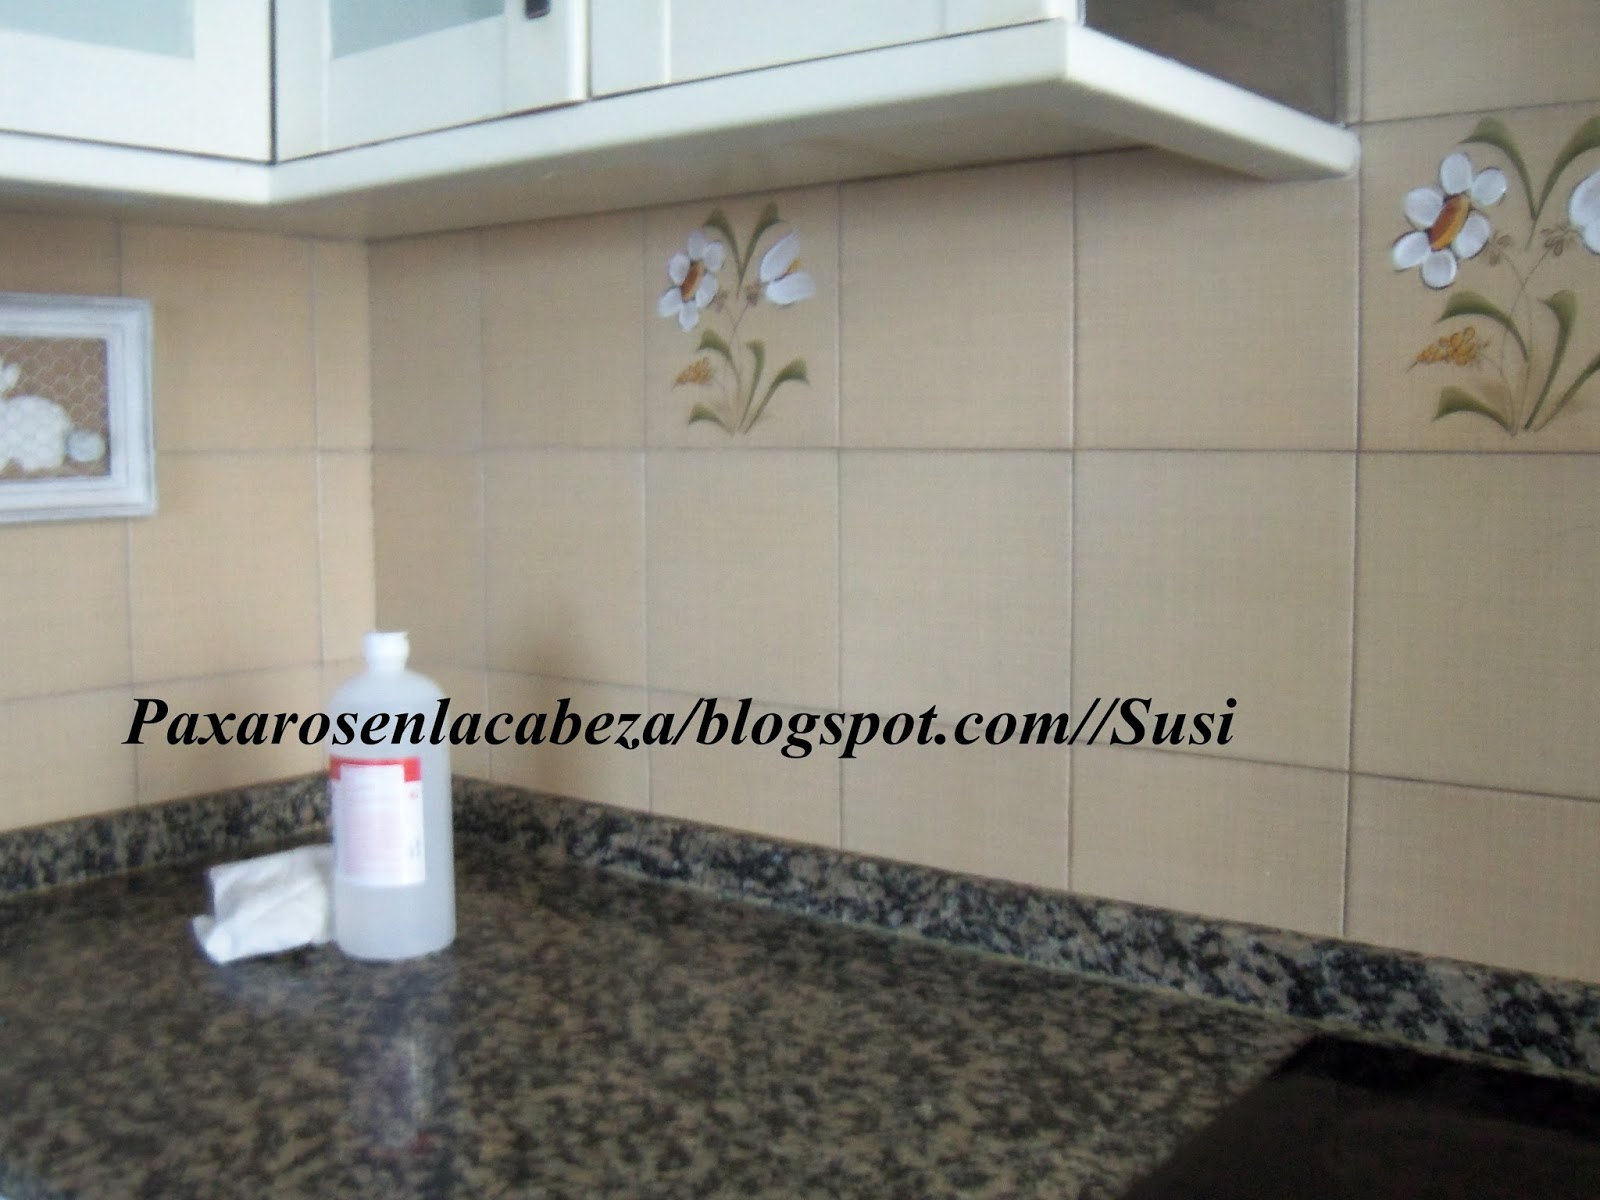 P xaros en la cabeza he pintado los azulejos de la cocina - Azulejos con dibujos ...